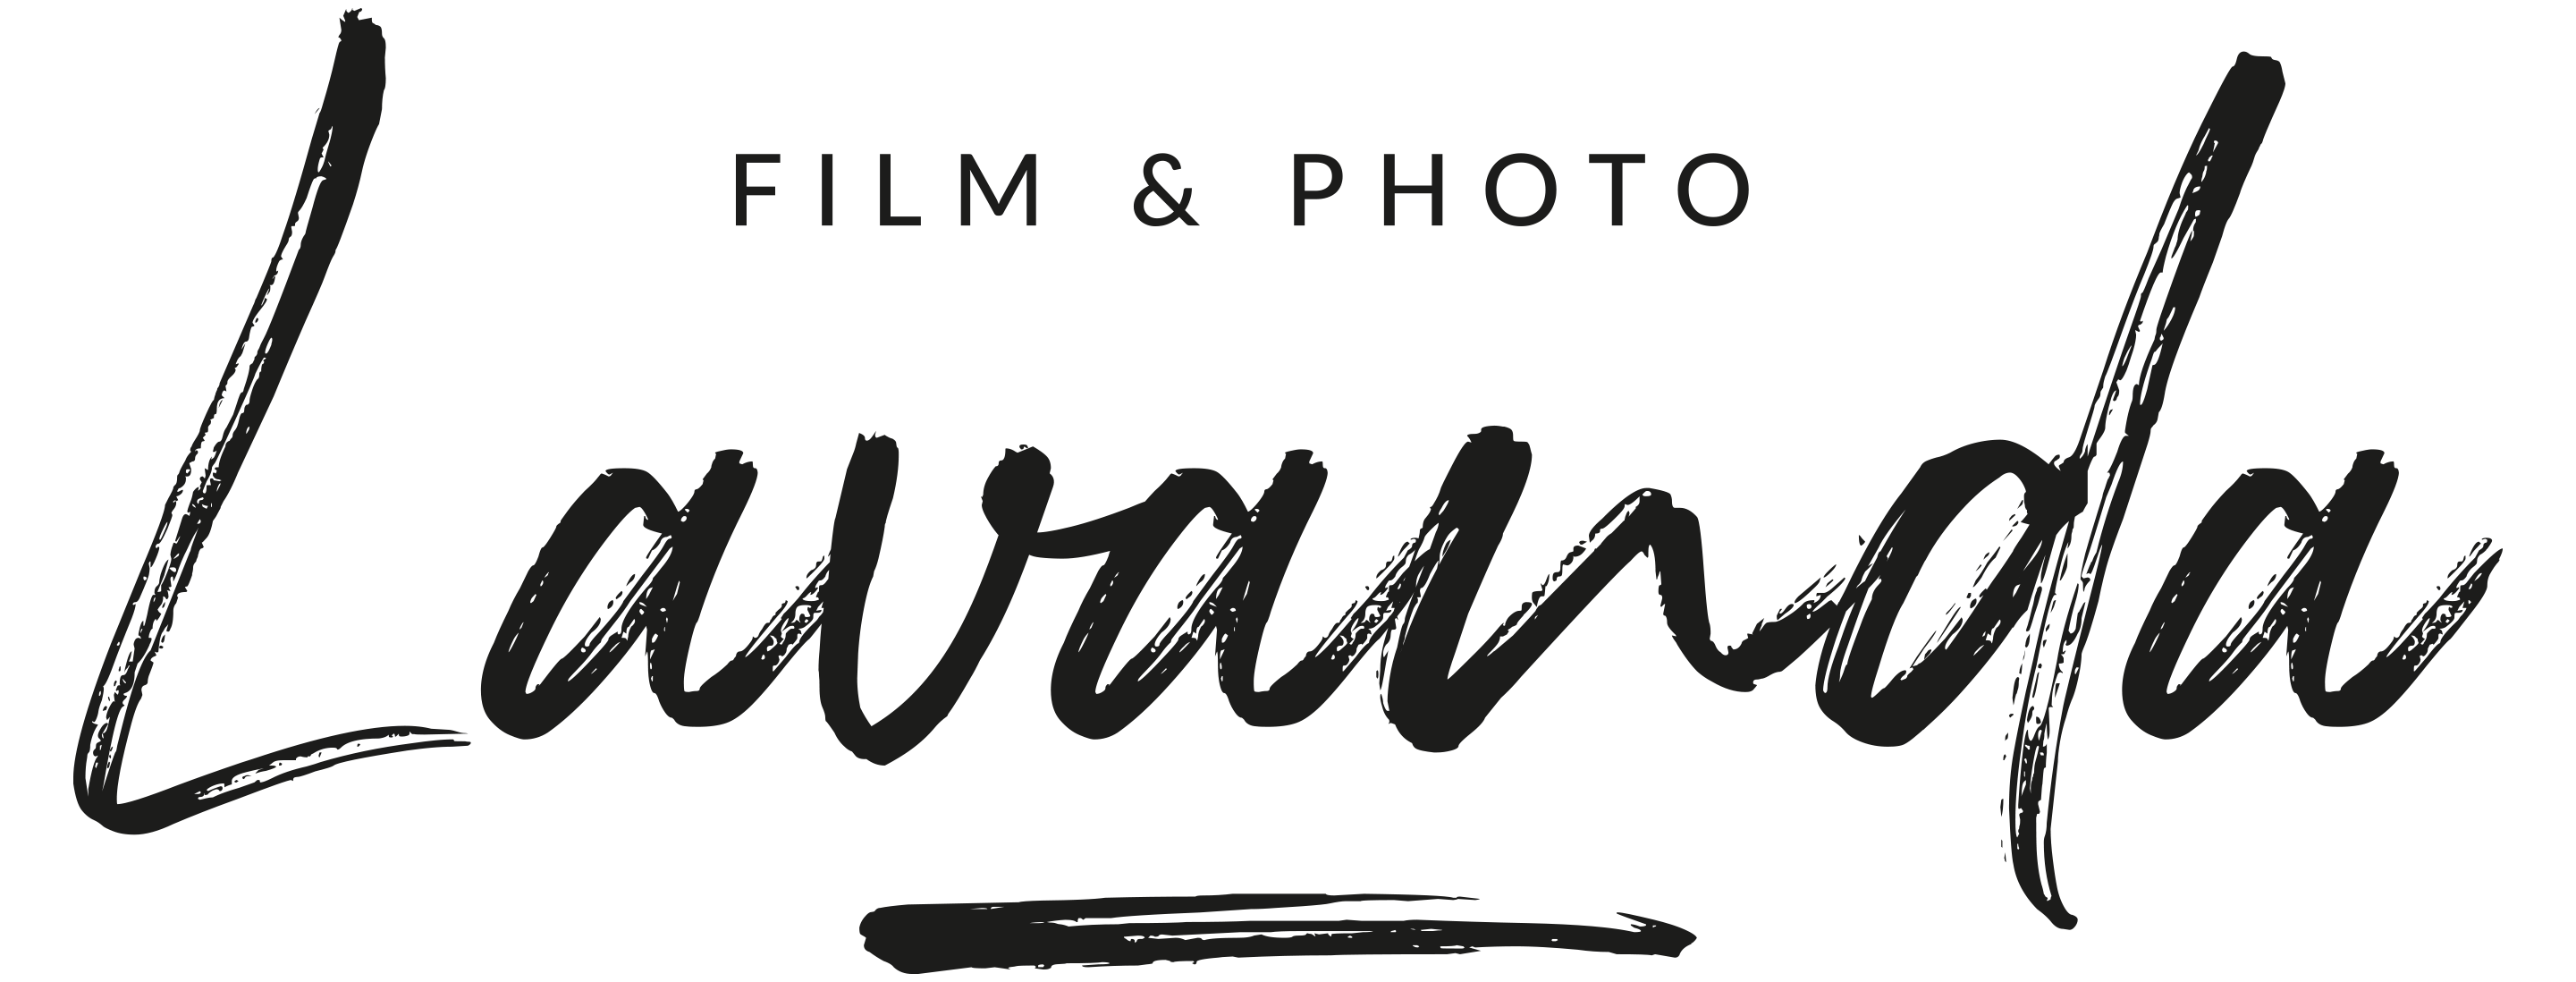 Lavanda Studio | Fotografia y Video de Bodas Logo